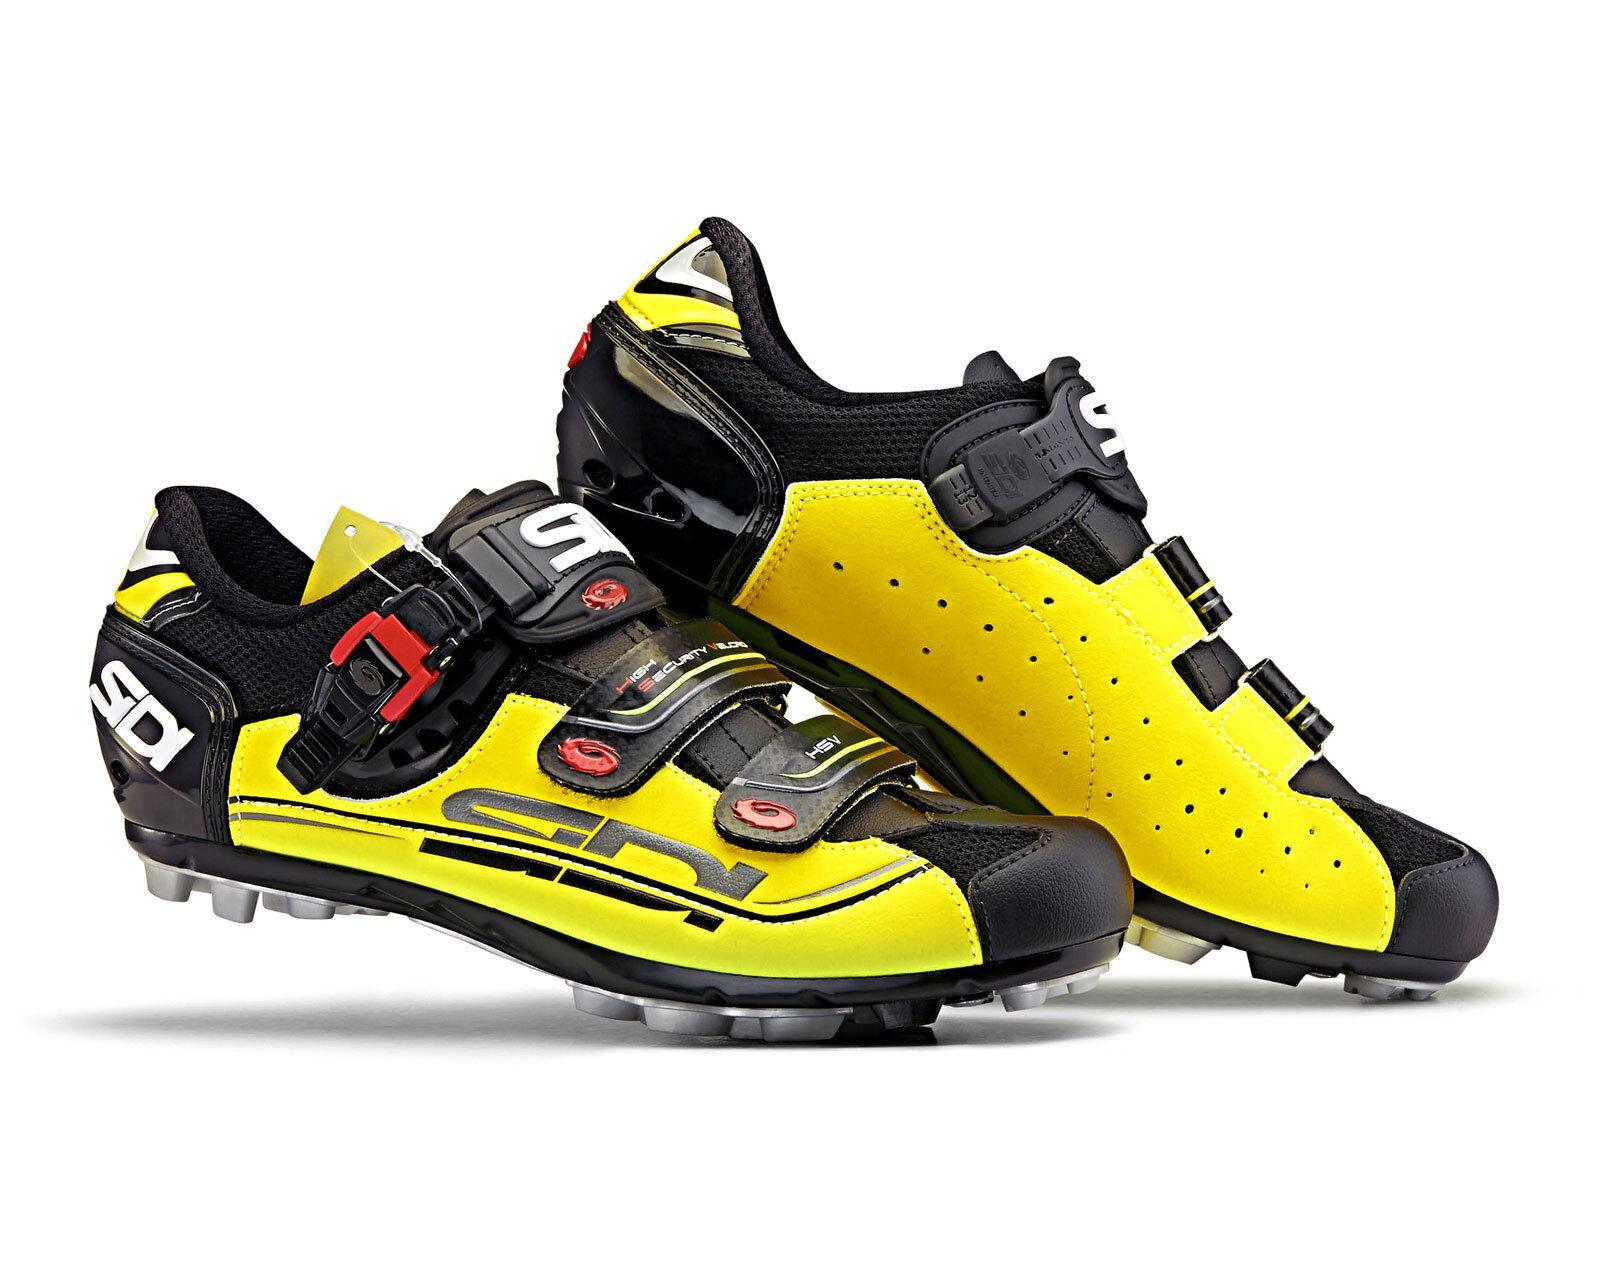 SIDI Eagle 7 Calzado para Ciclismo Bicicleta de montaña-Negro Amarillo Negro